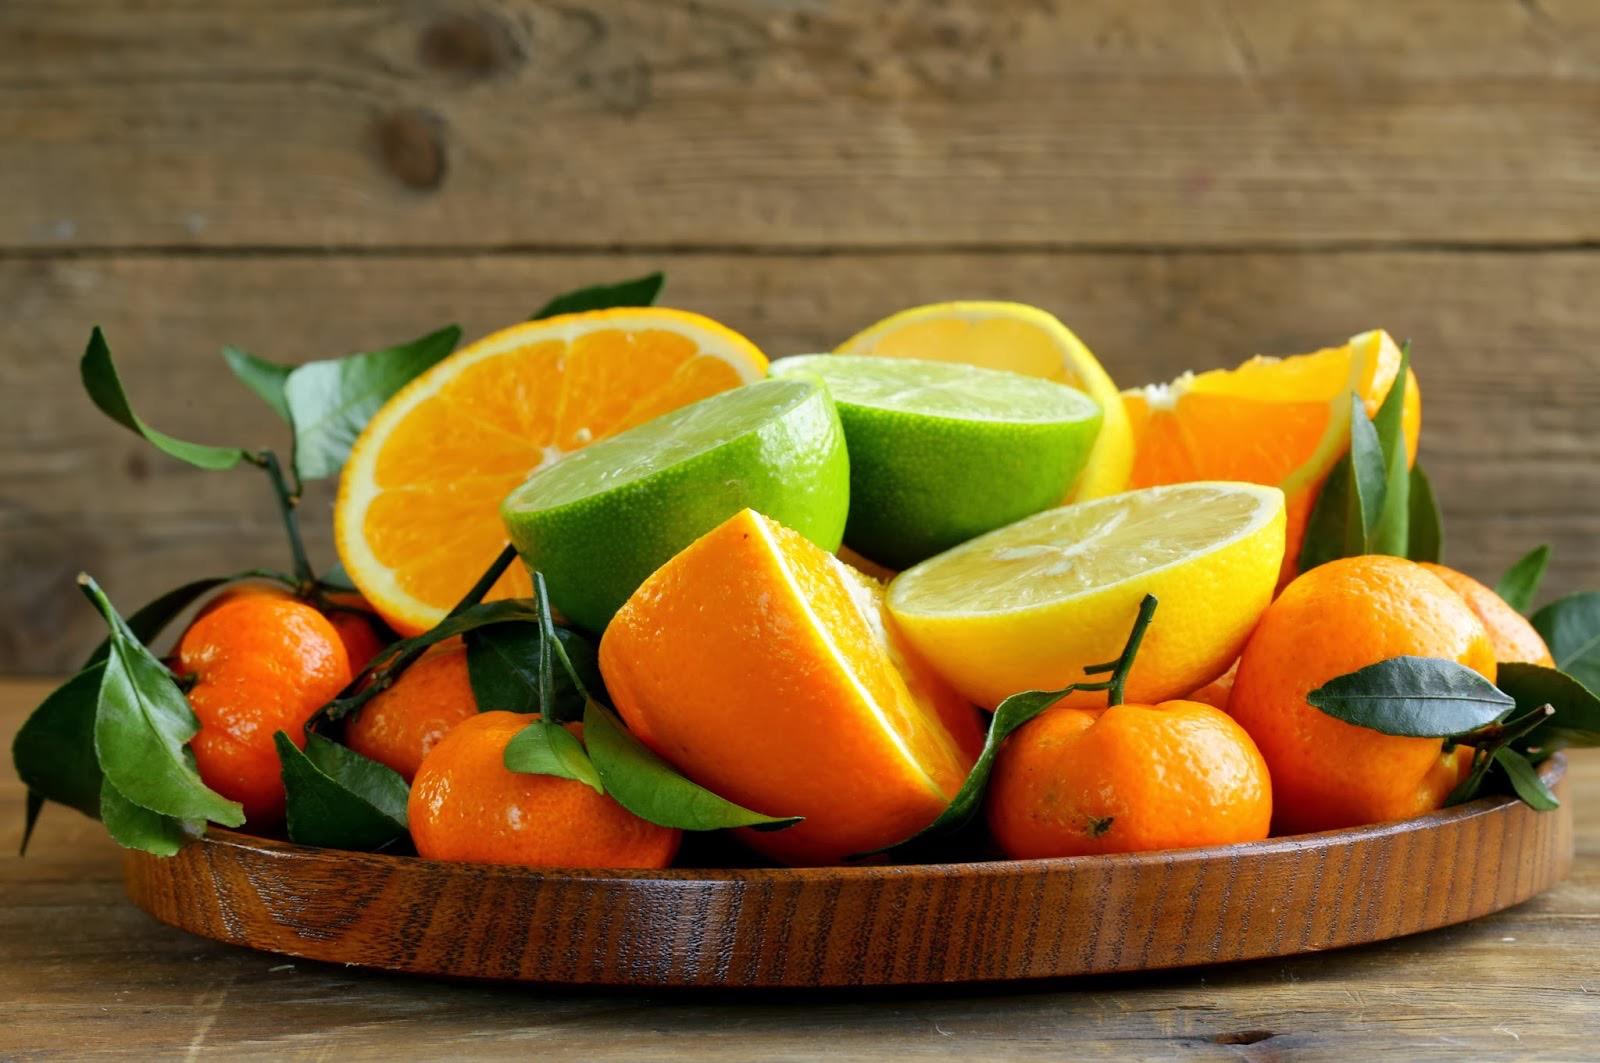 exprimidor de naranjas citricos